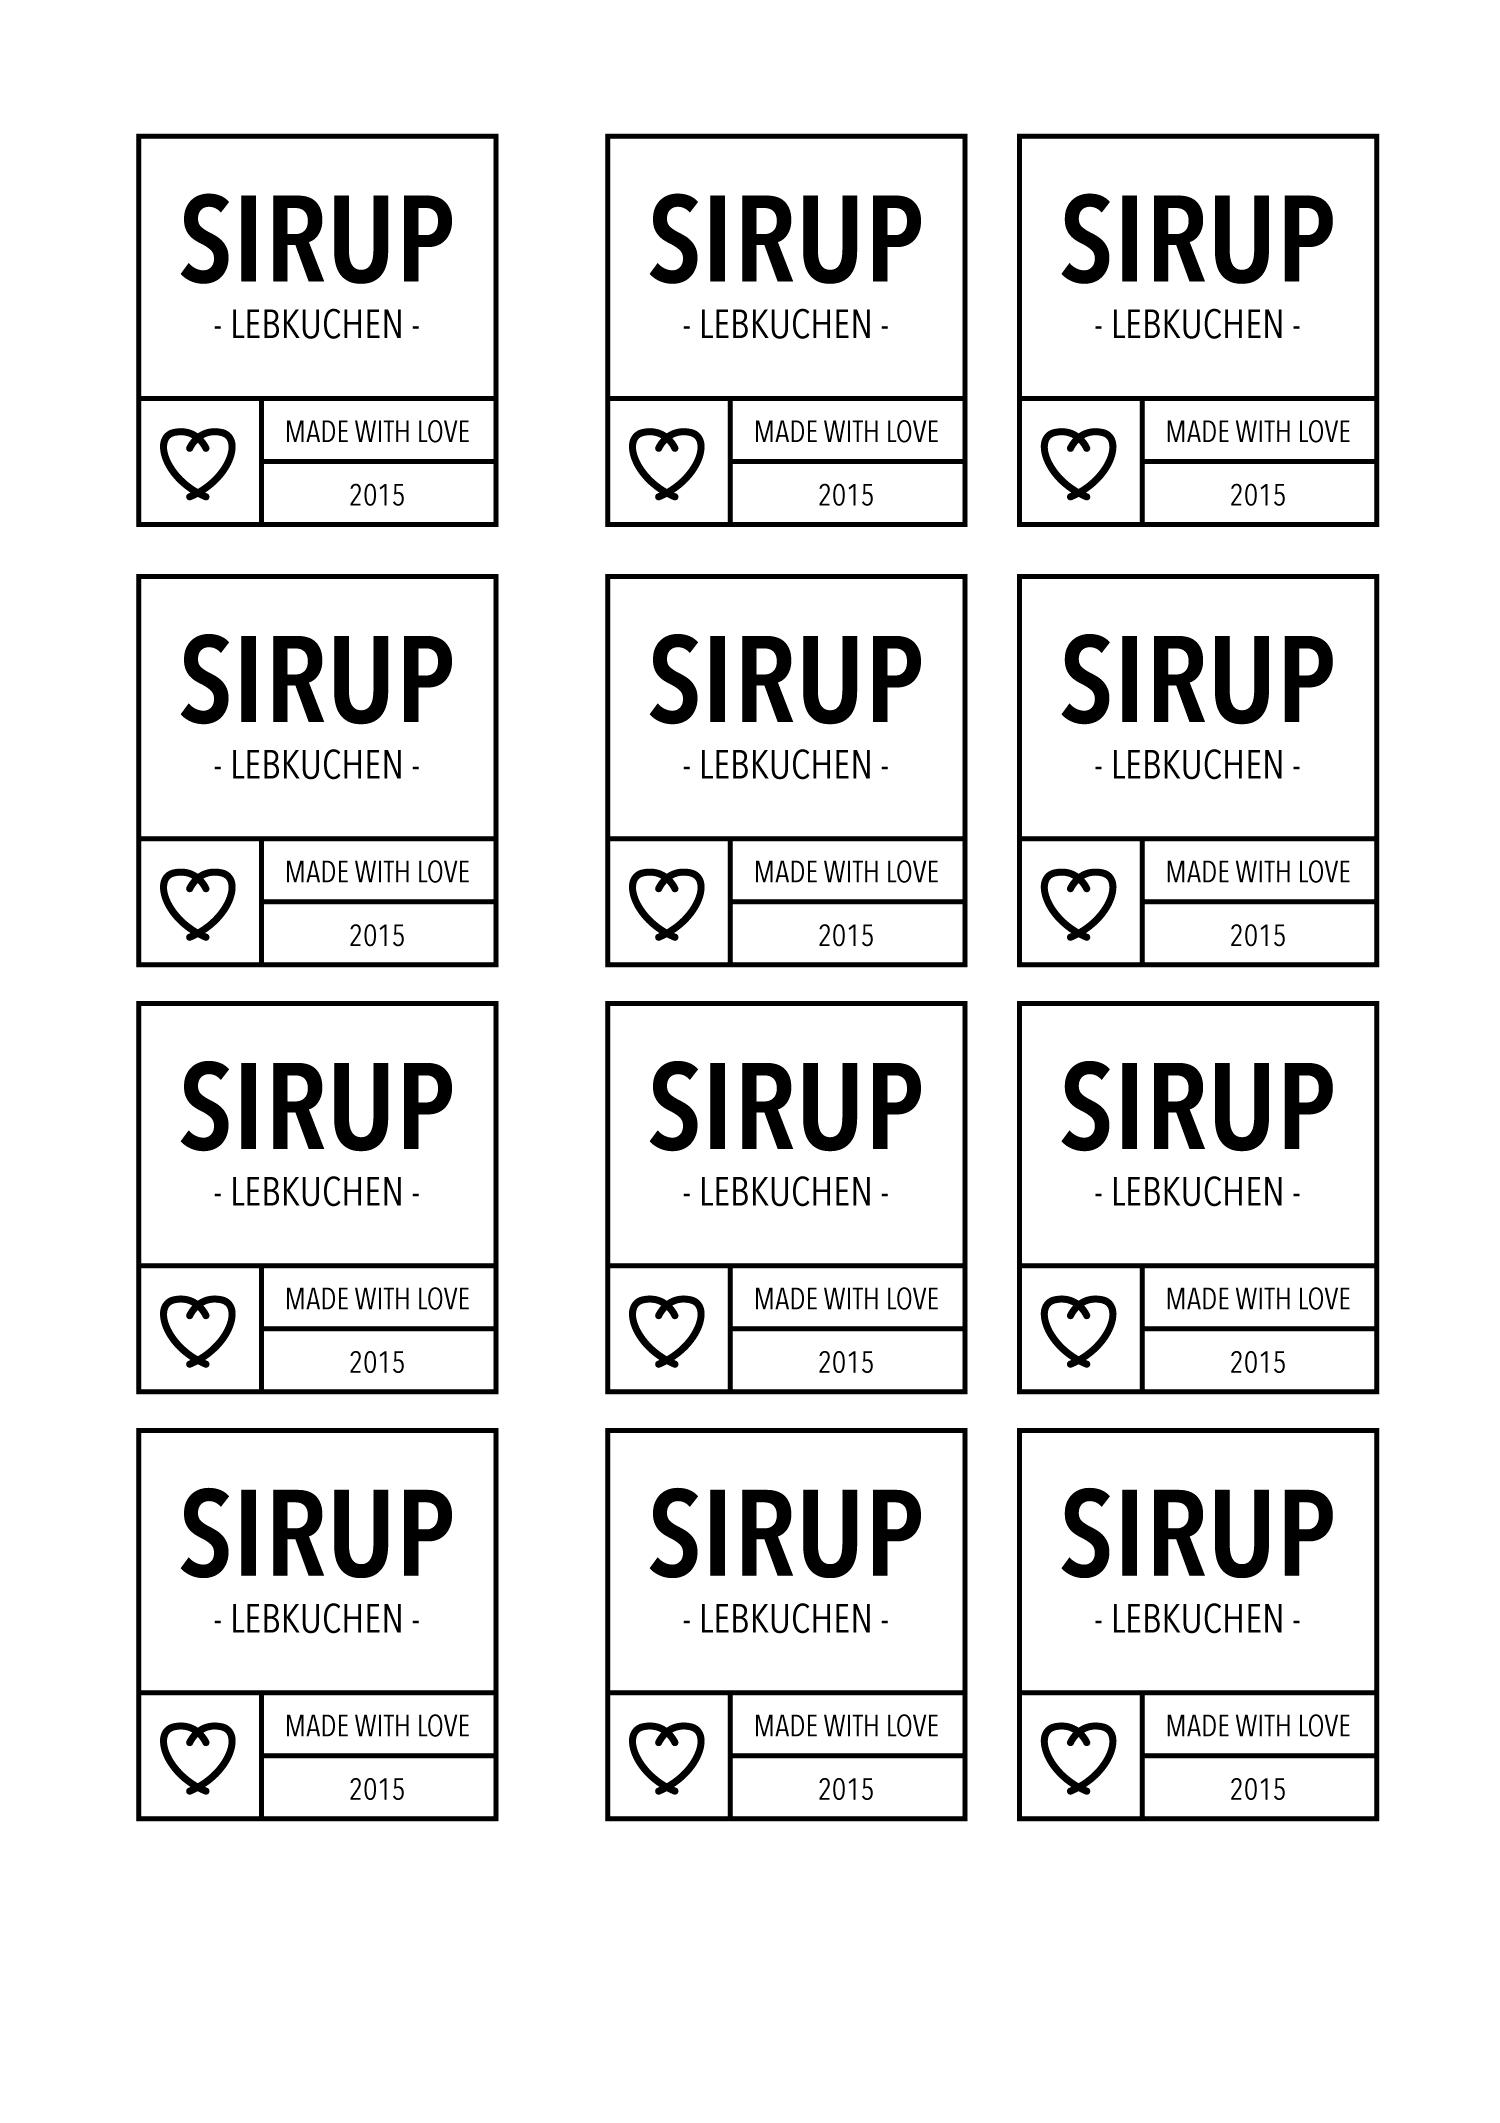 Etiketten Zum Ausdrucken Fur Verschiedene Sirups Als Pdf Zum Download Free Printables Etiketten Johannisbeersirup Ausdrucken